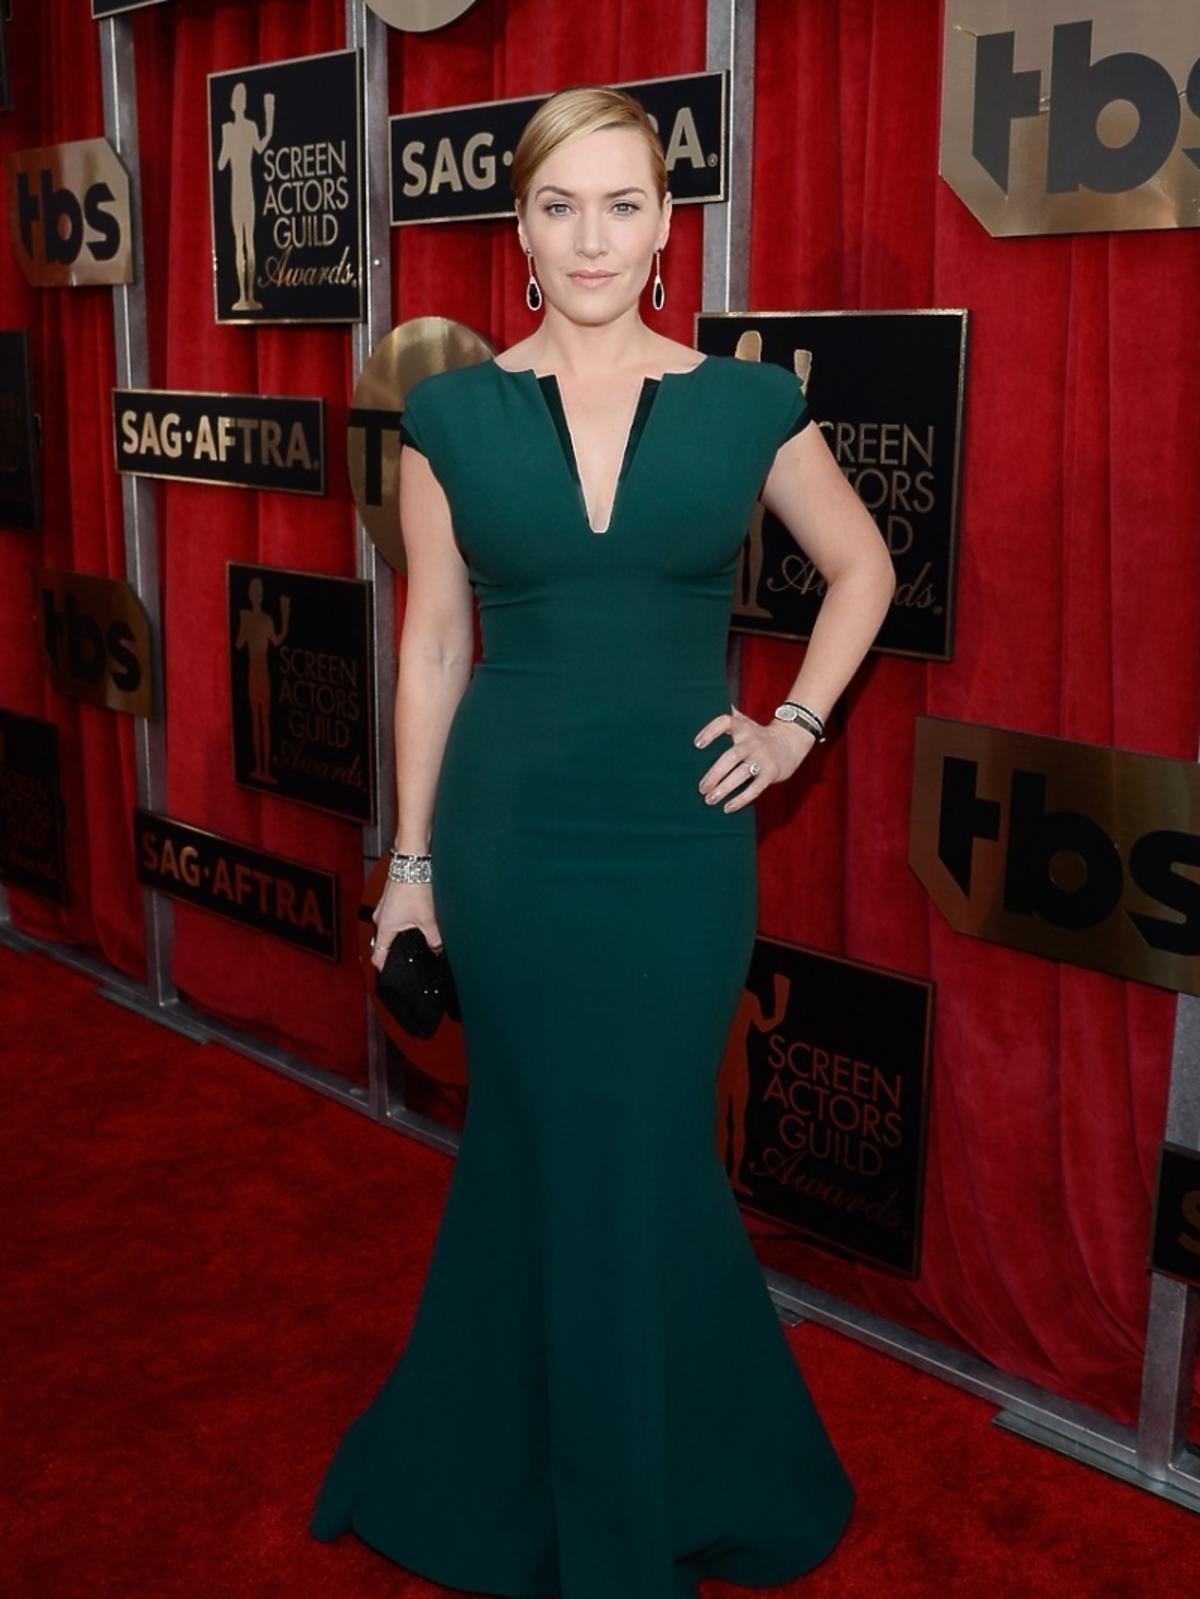 Kate Winslet wz ielonej sukni do ziemi na czerwonym dywanie